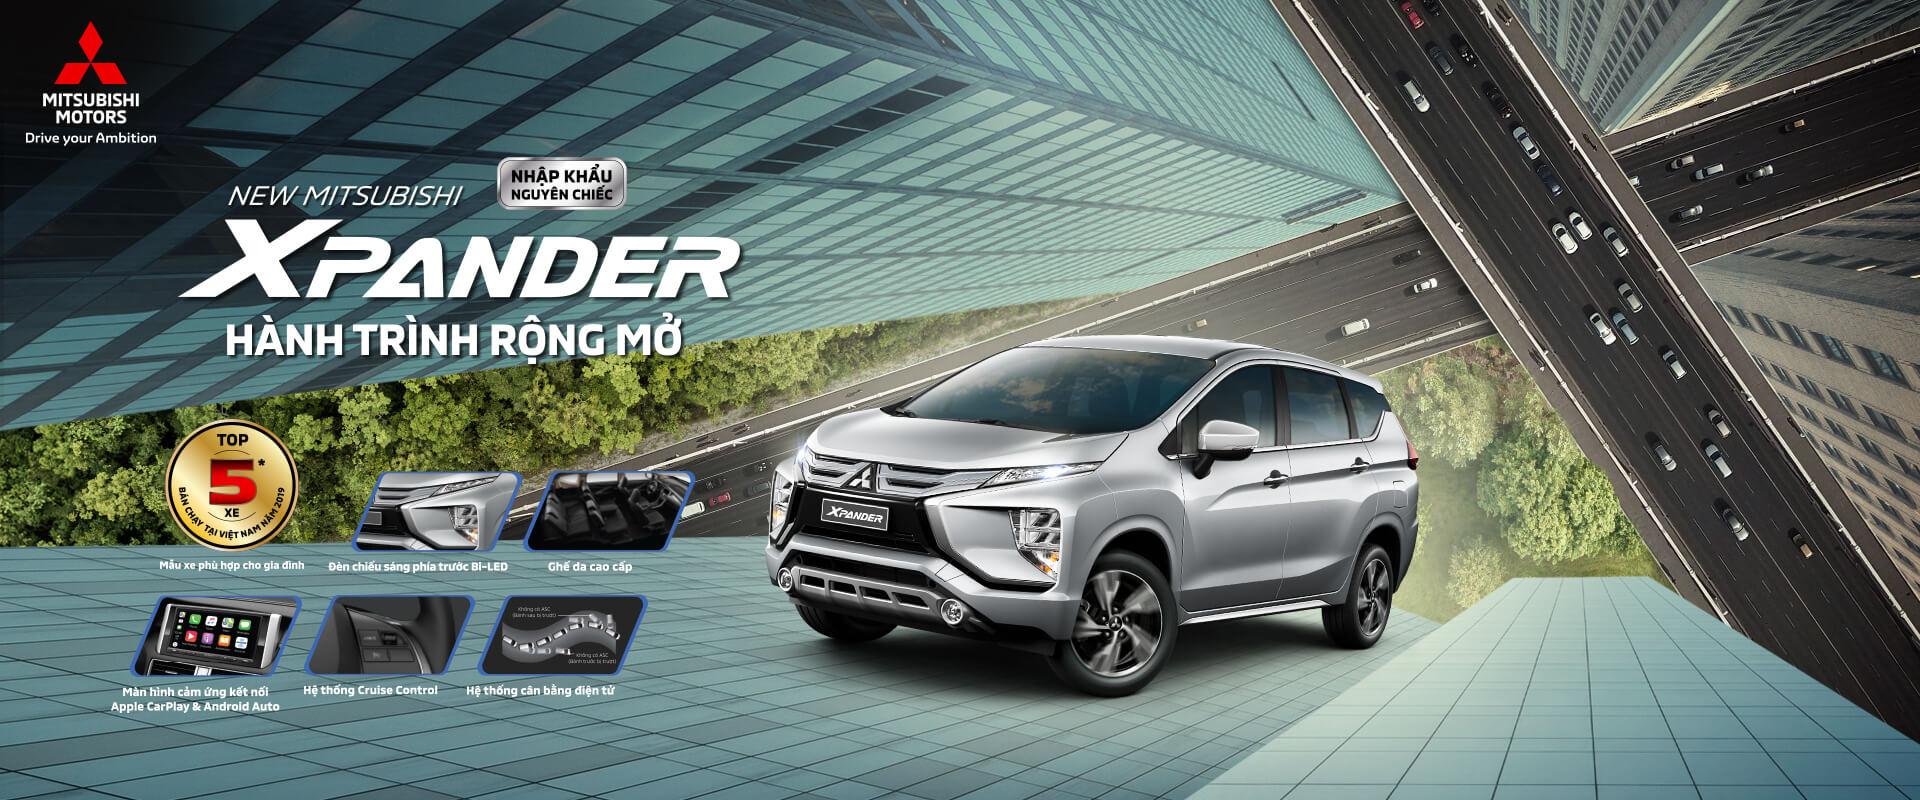 Mitsubishi Xpander - Hành trình rộng mở